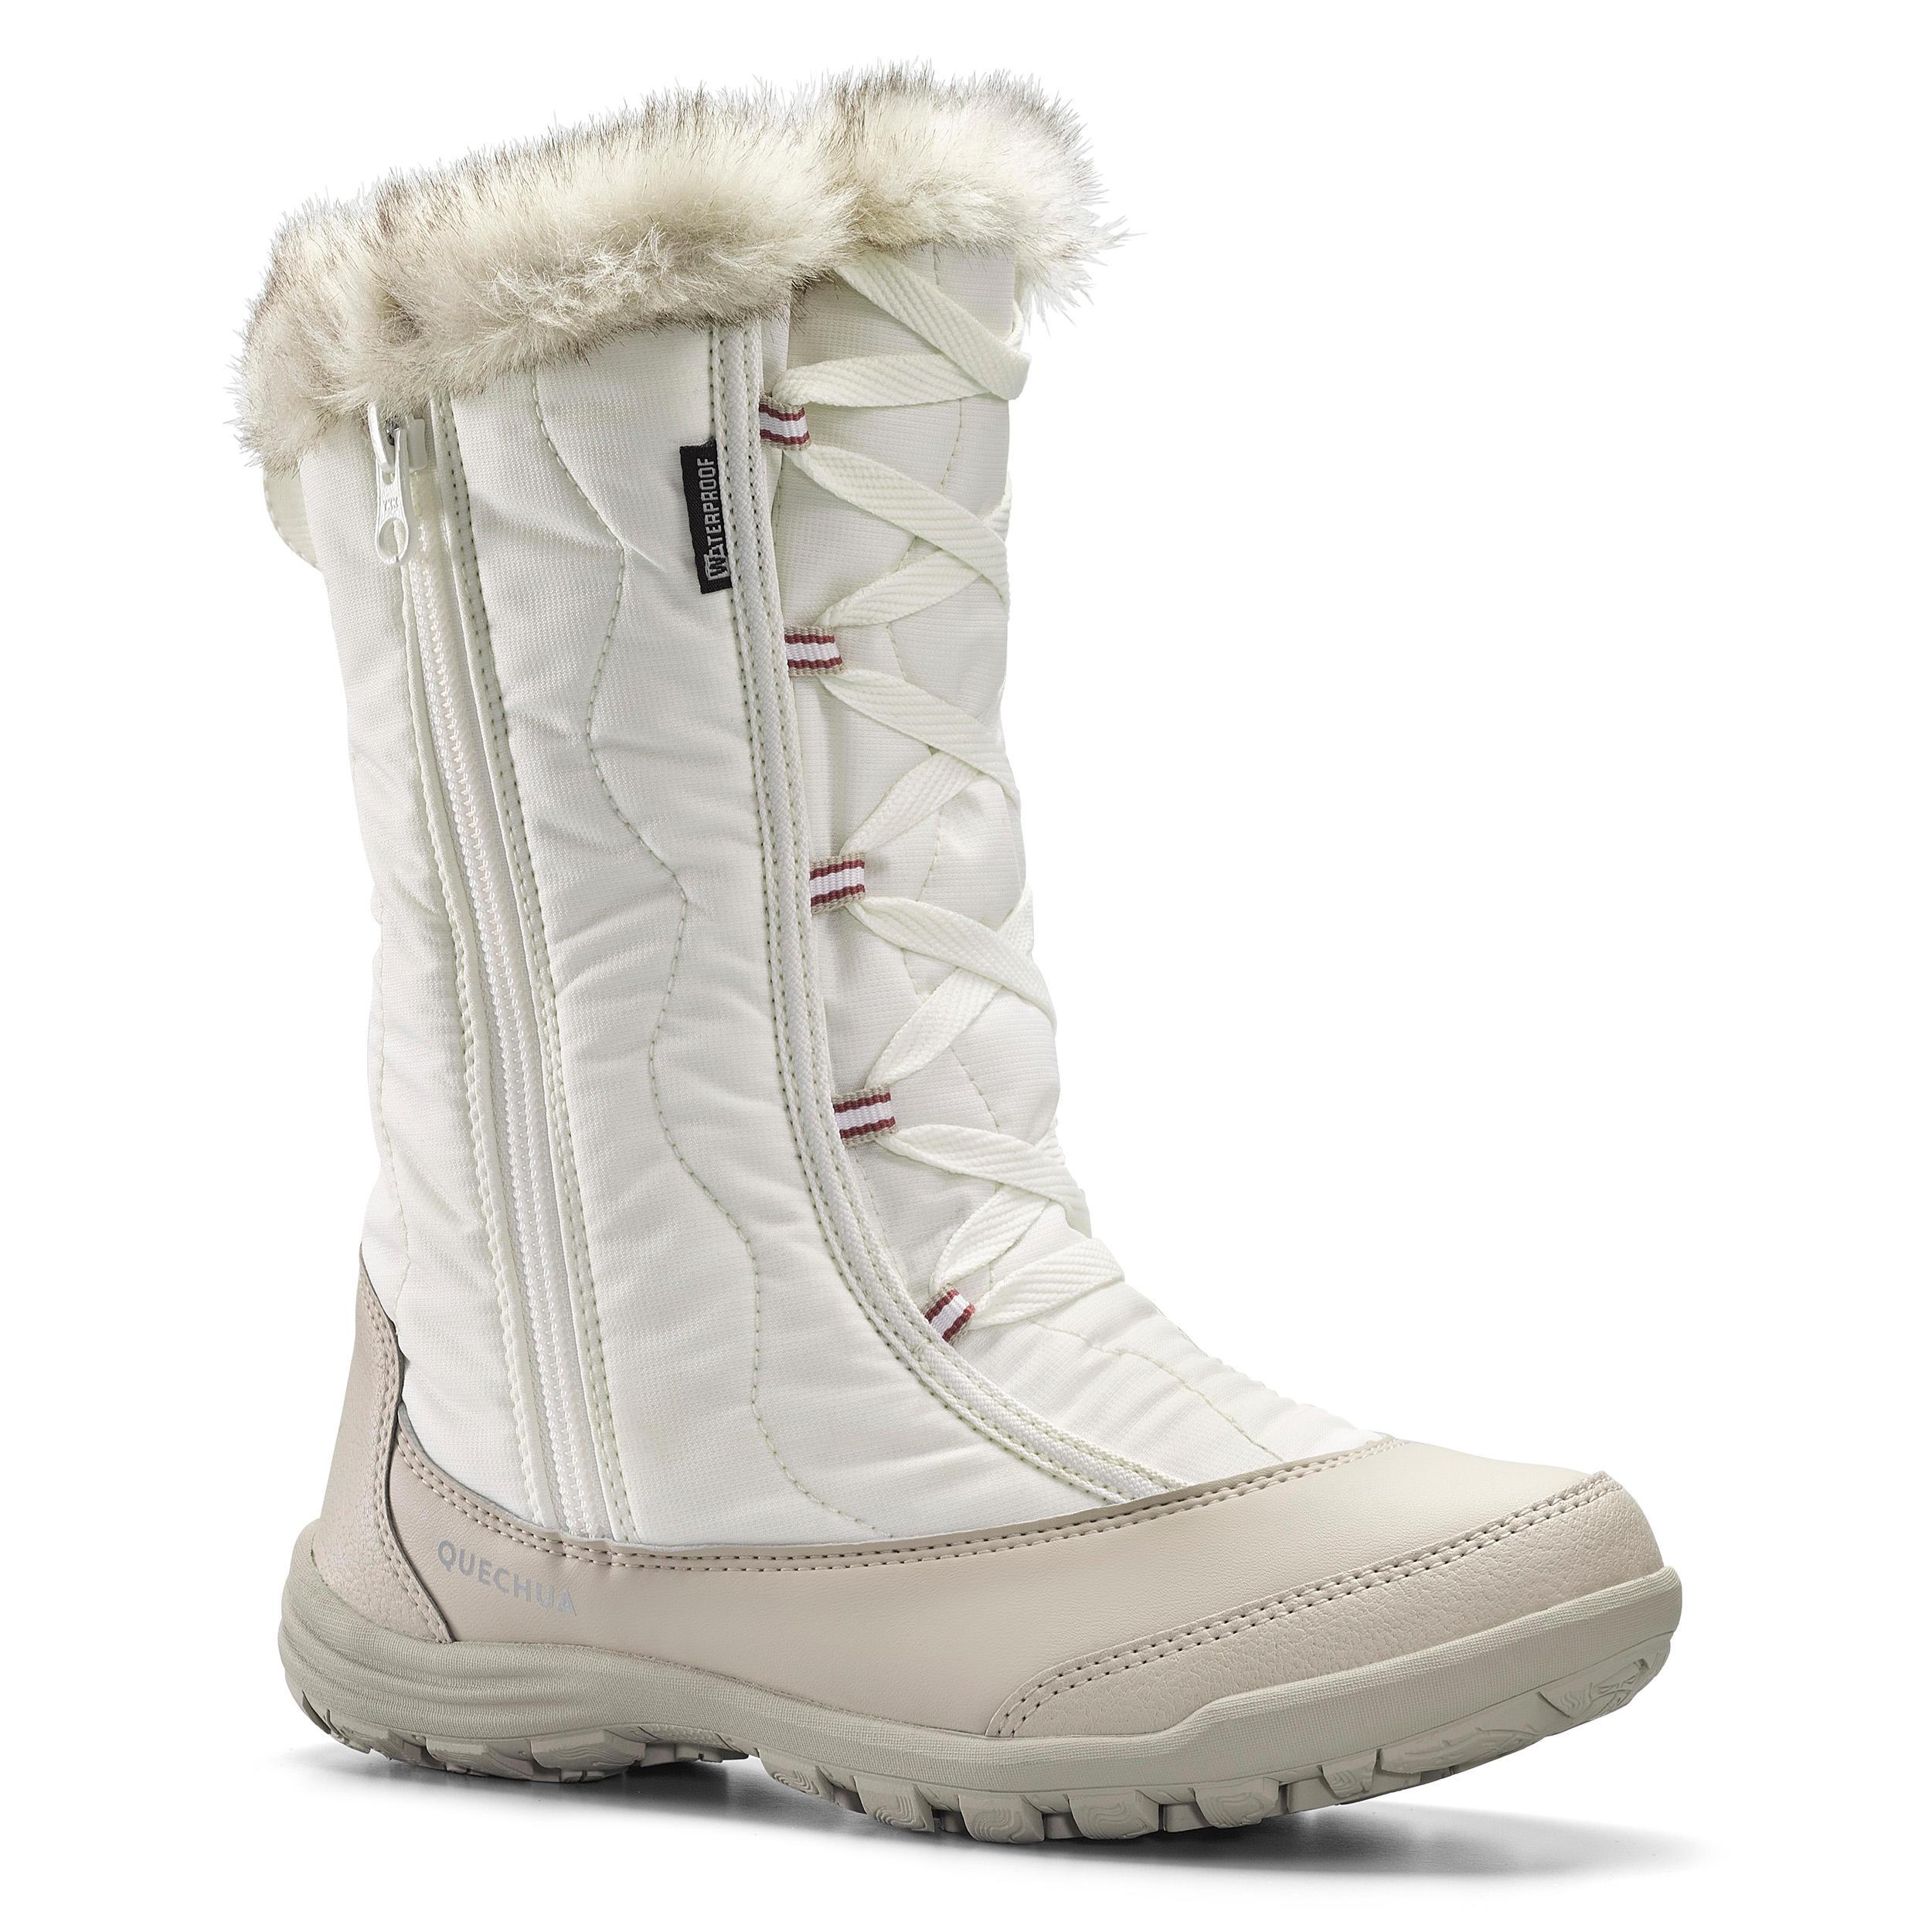 Buty Turystyczne Sniegowce Sh500 X Warm Dla Dzieci Quechua Decathlon